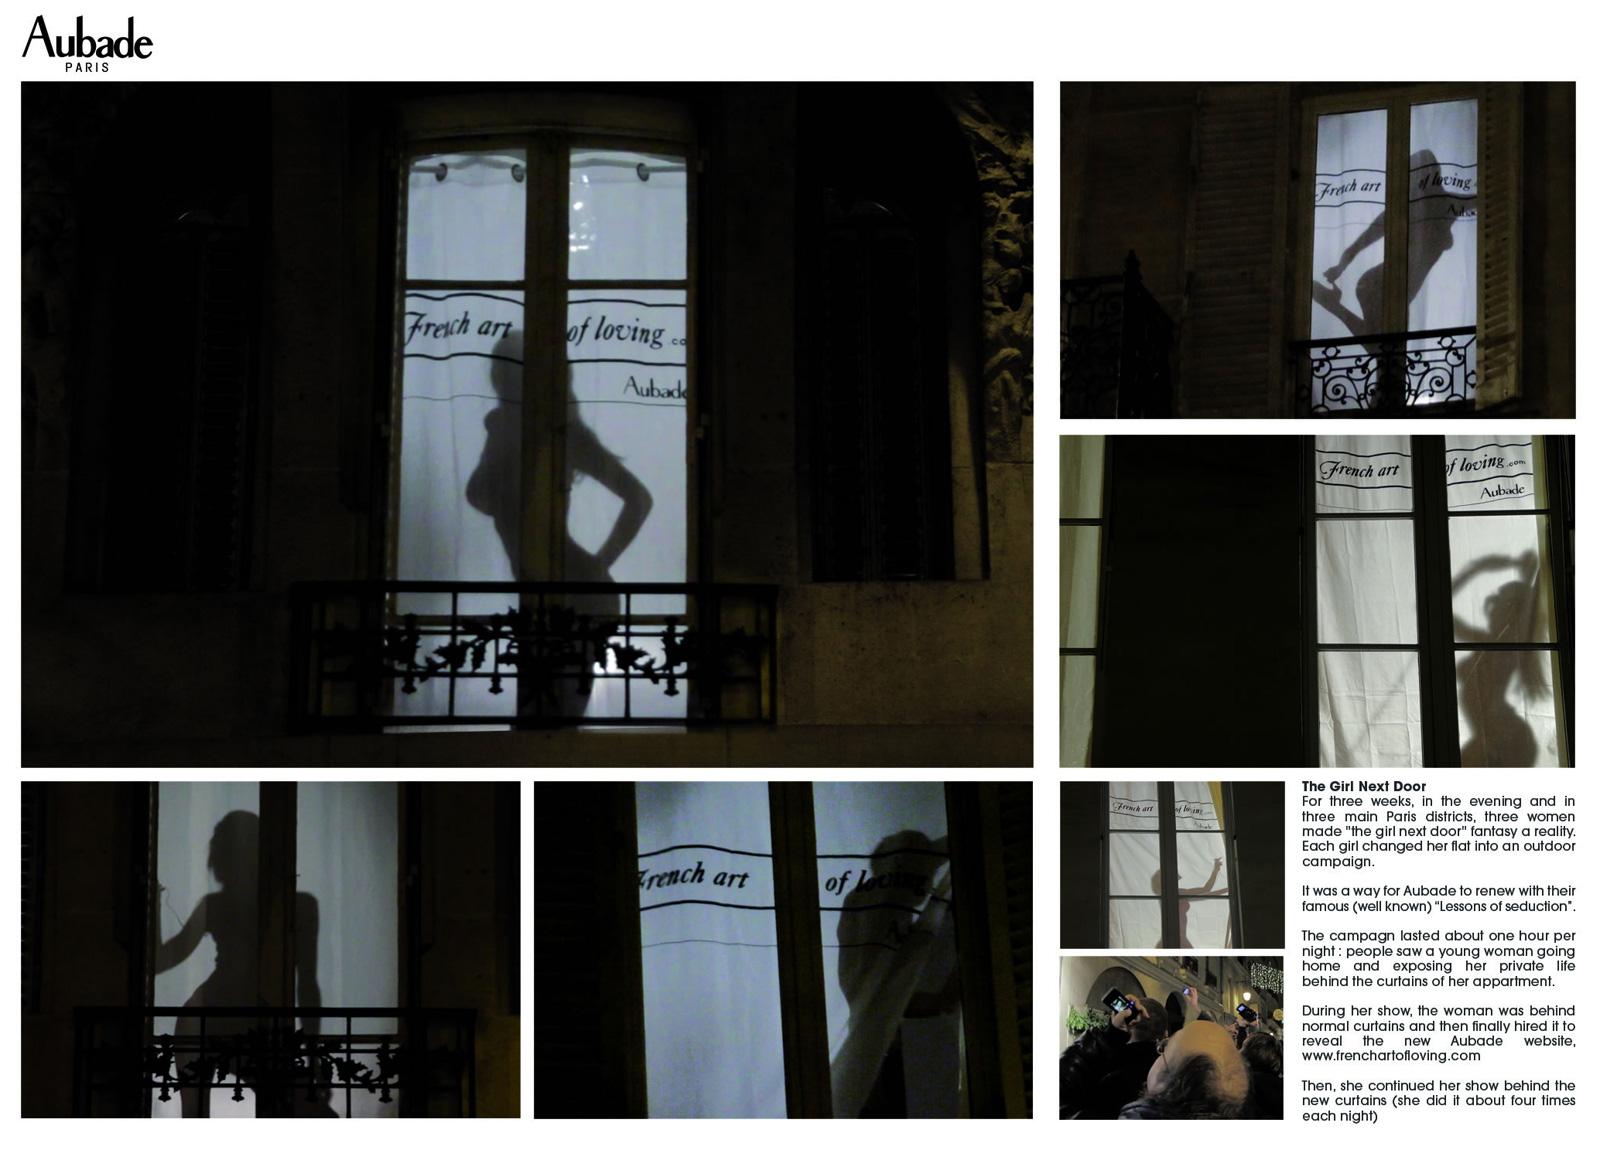 http://1.bp.blogspot.com/_42nL05s3A-8/TP2NjozL1jI/AAAAAAAADHg/jd-RfnNzETg/s1600/aubade_french_art_of_loving.jpg